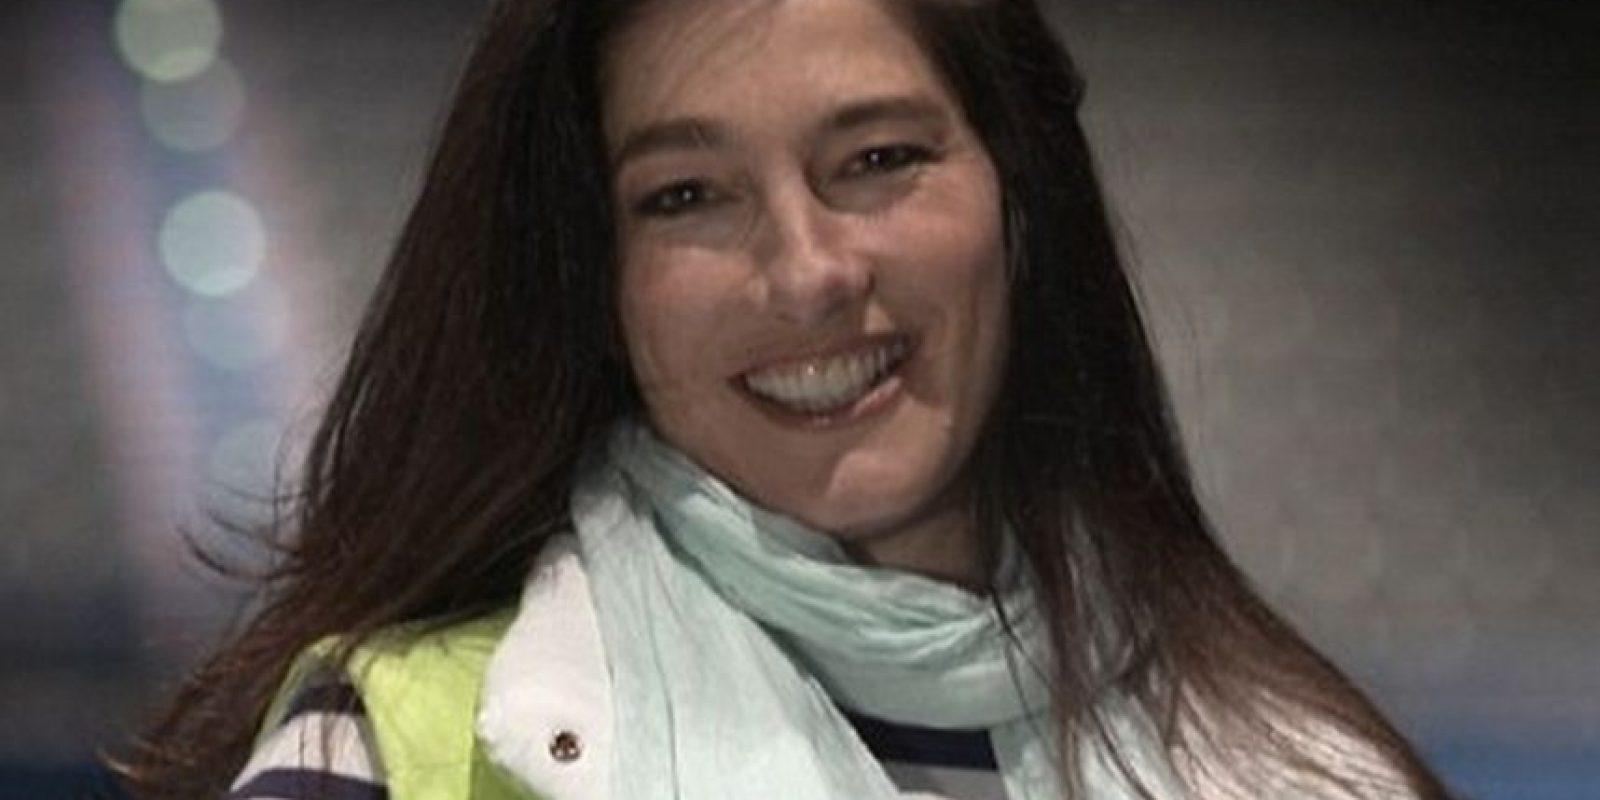 Su nombre real es Diane Youdale Foto:ITV